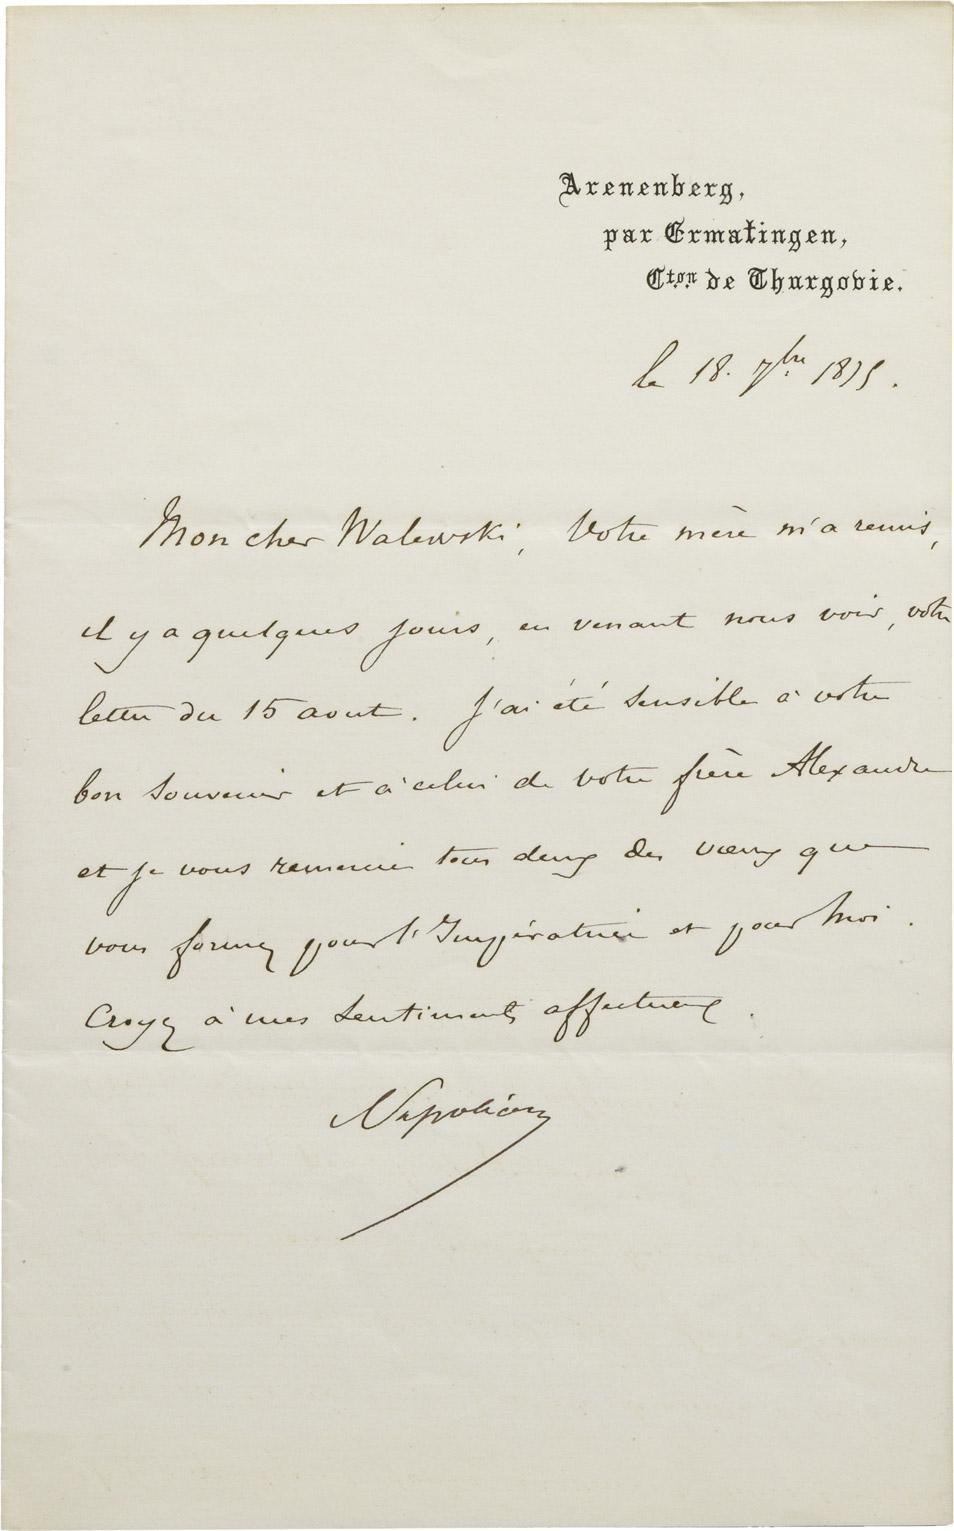 Lettre du Prince Impérial à Charles Walewski - Patrimoine Charles-André COLONNA WALEWSKI, en ligne directe de Napoléon